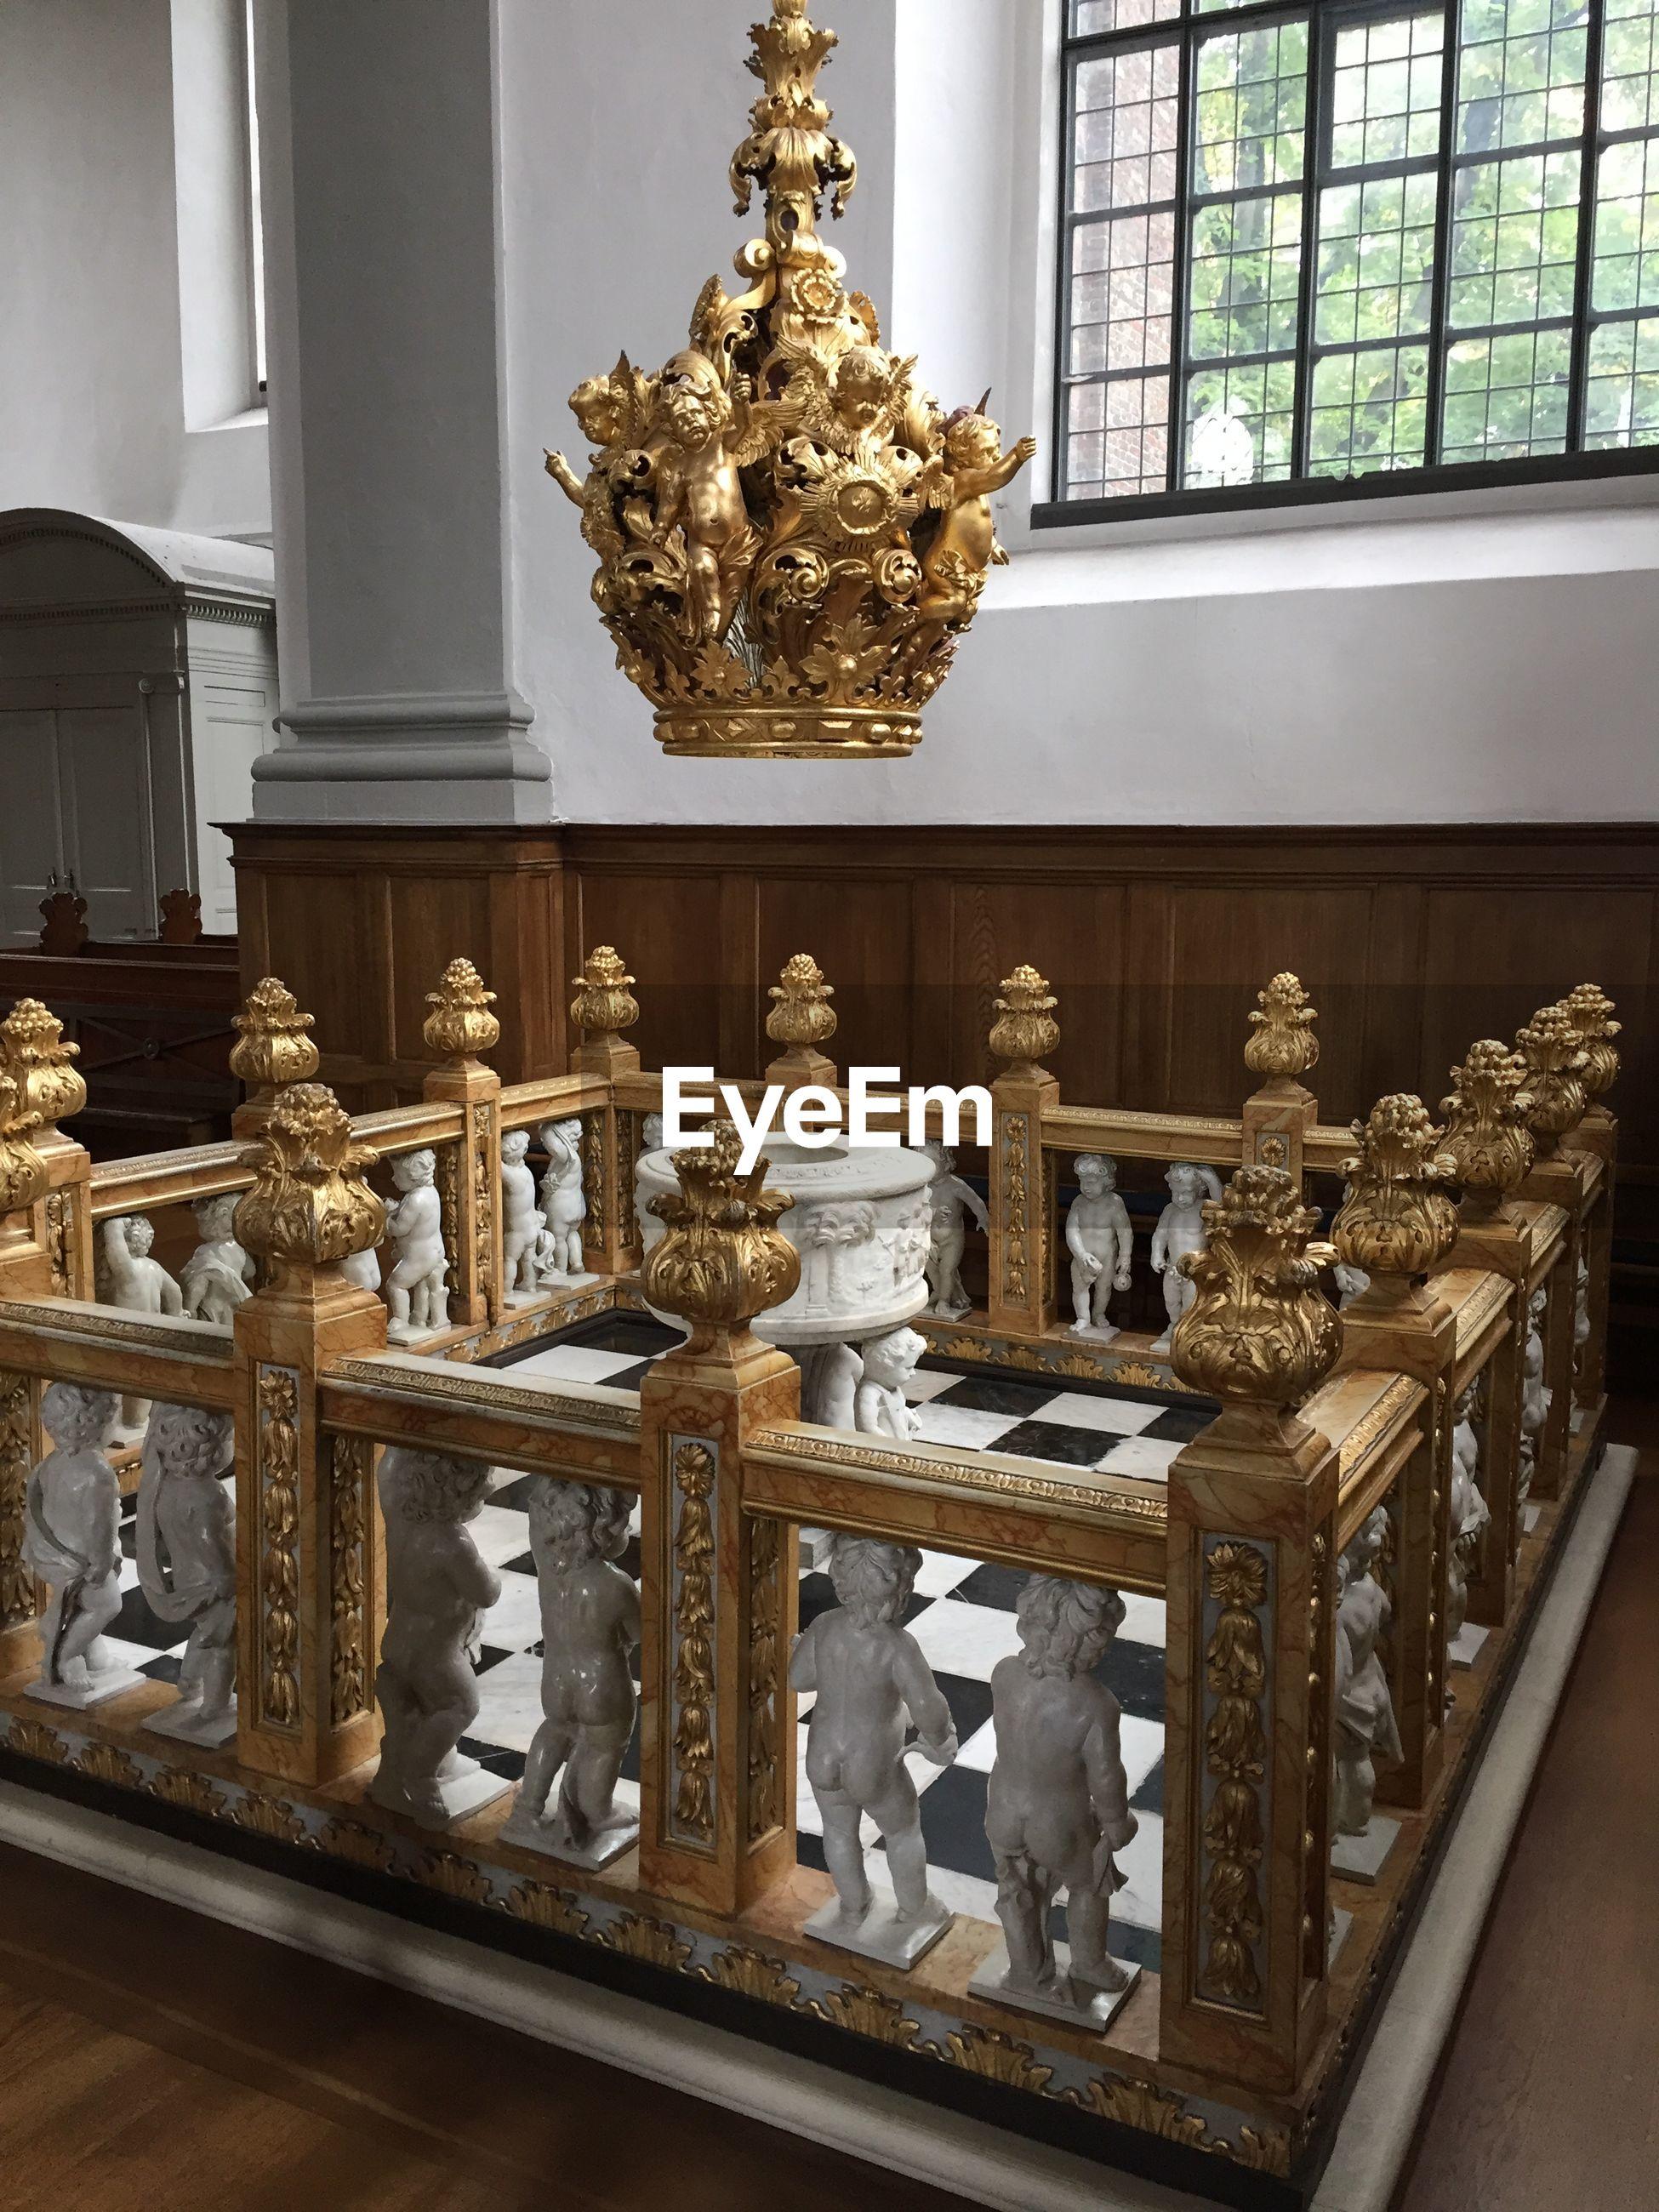 Sculpture of angels at vor frelsers kirke church